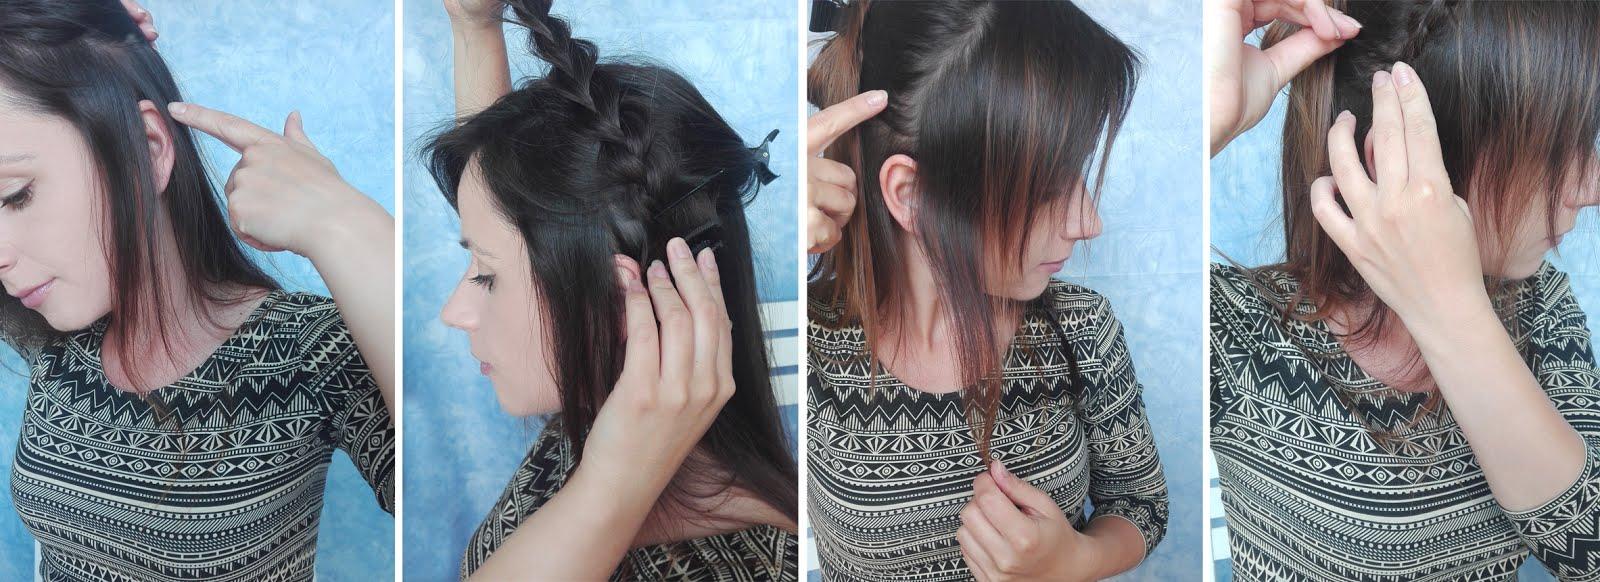 Fryzura Dla Cienkich Włosów Z Oszukanym Warkoczem Hair By Jul